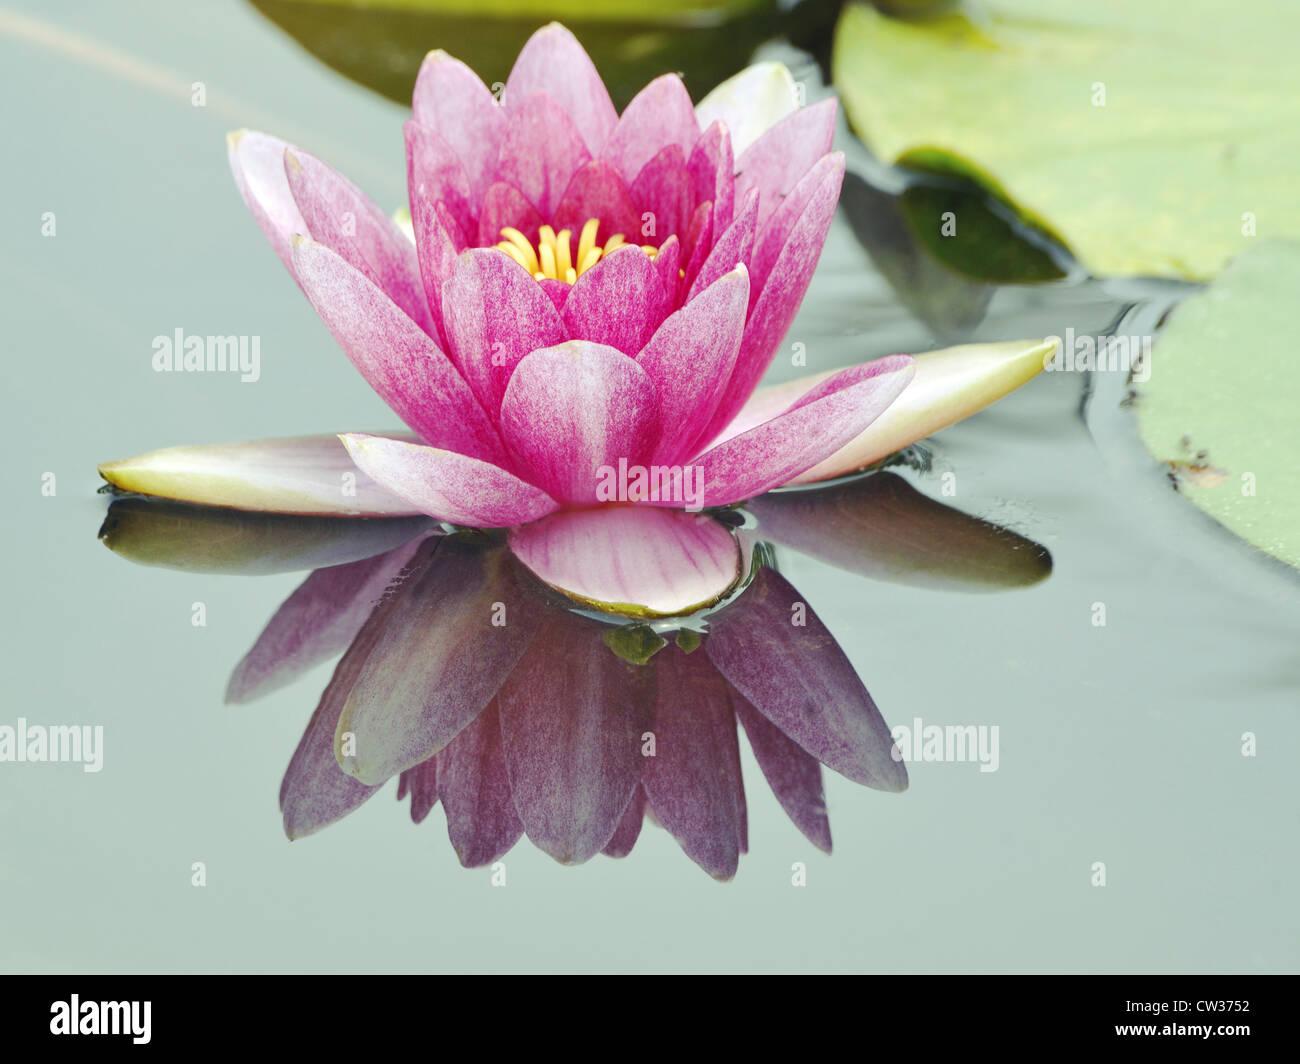 Lotus Flower Japan Stock Photos Lotus Flower Japan Stock Images